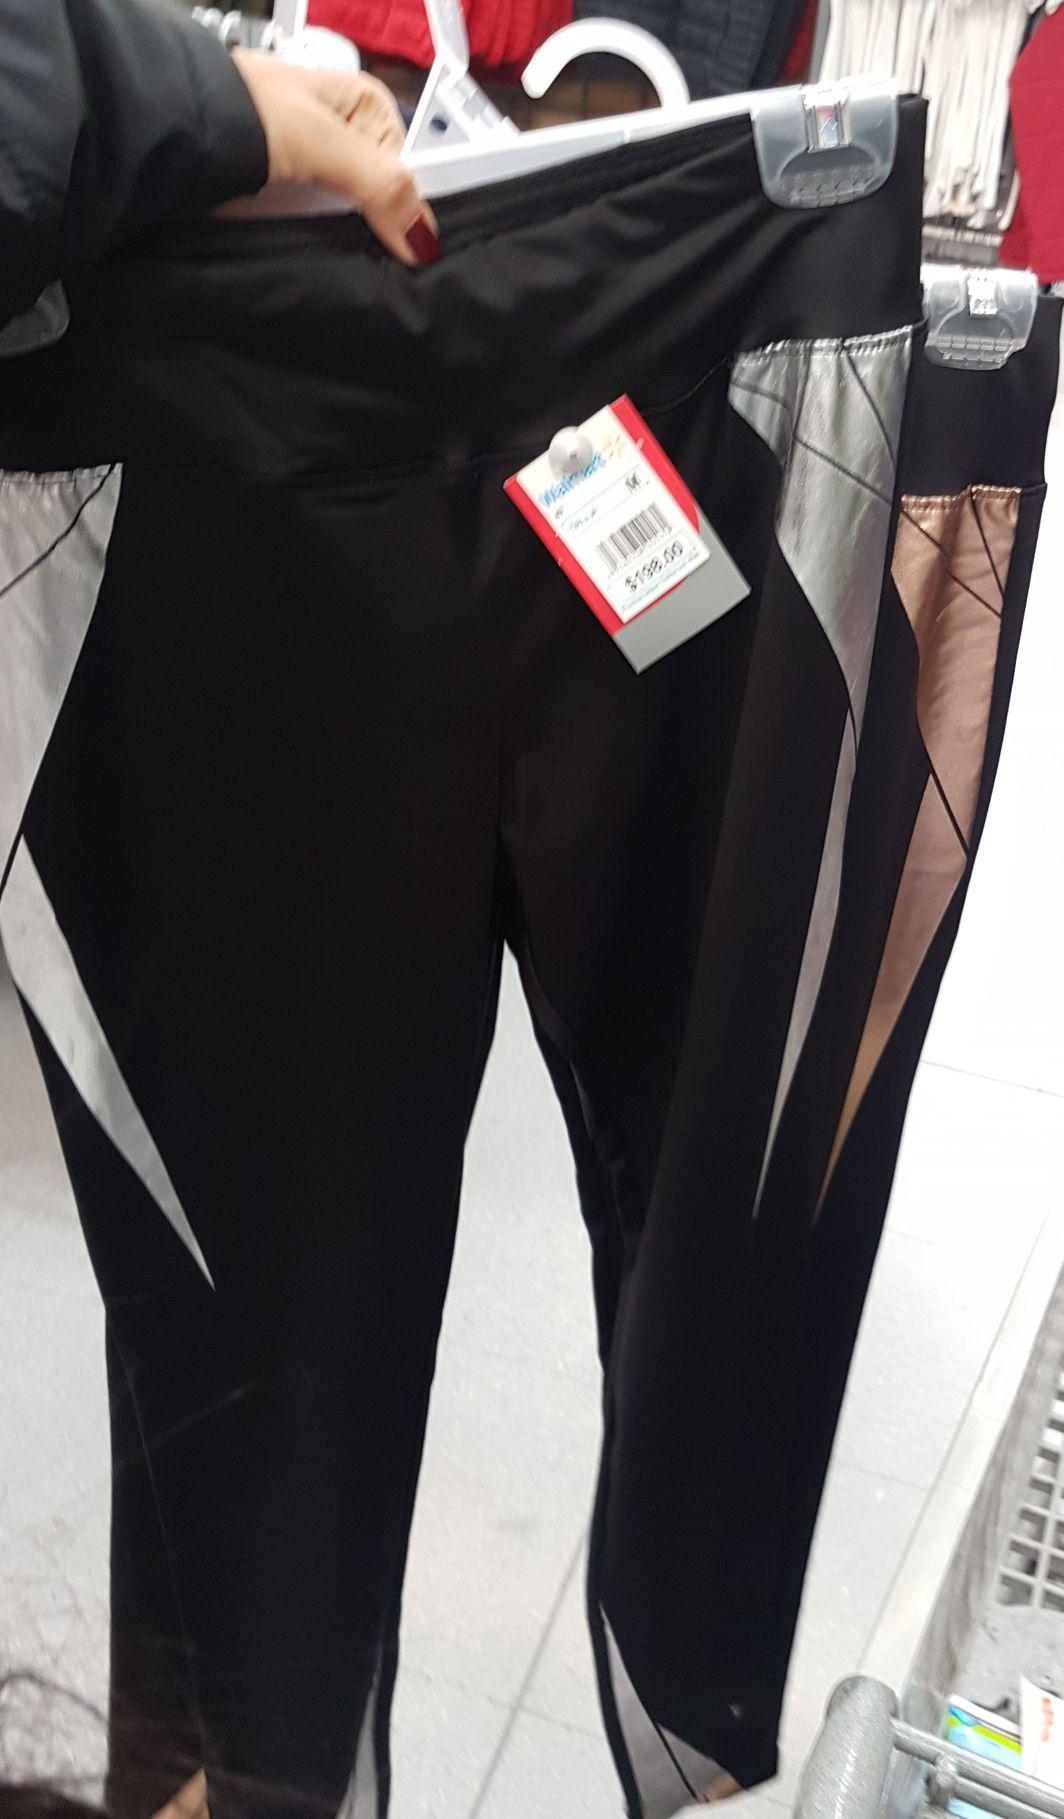 WALMART MACROPLAZA SLP. Pantalon DARSKIN dama